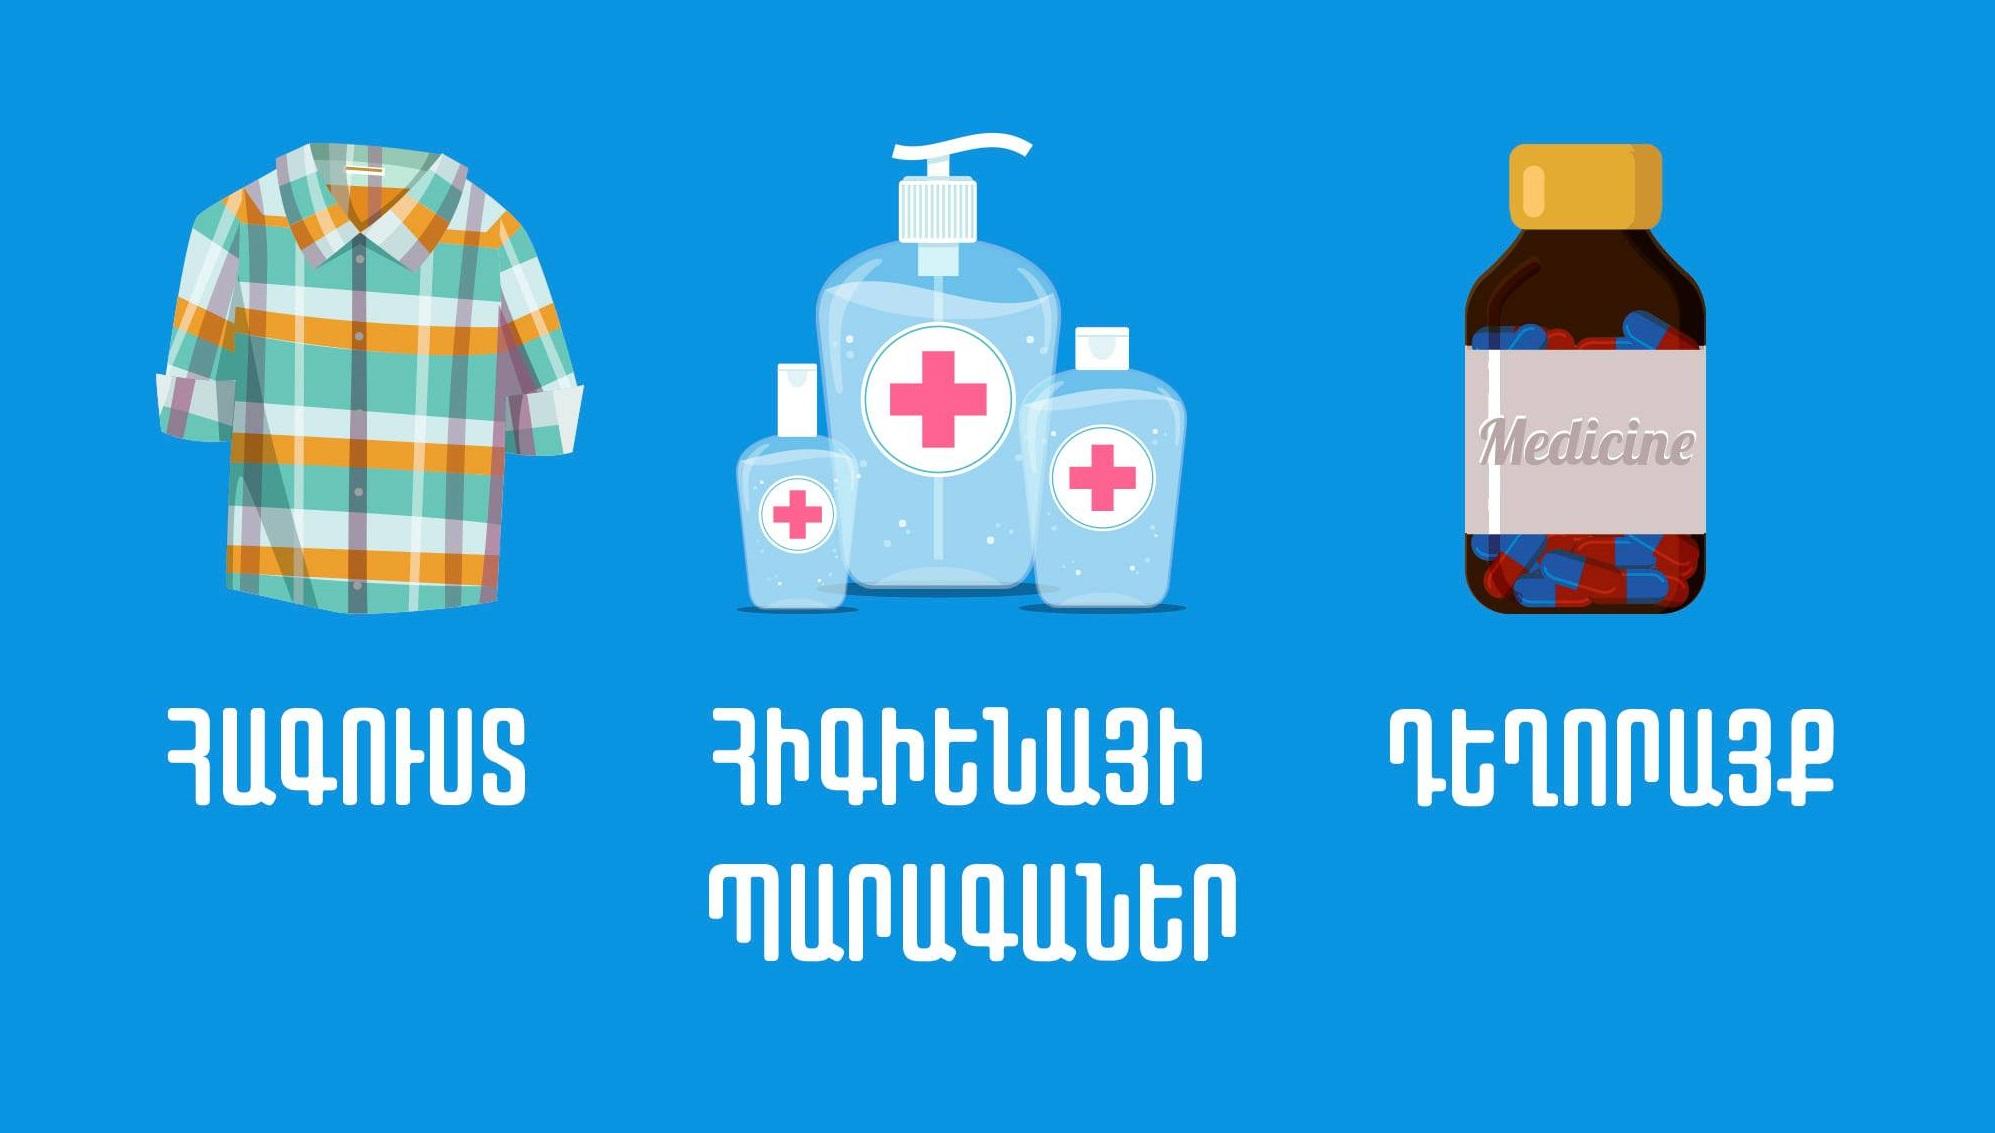 Տուժածների համար օգնության հավաքագրում «Իրական աշխարհ, Իրական մարդիկ» ՀԿ կողմից